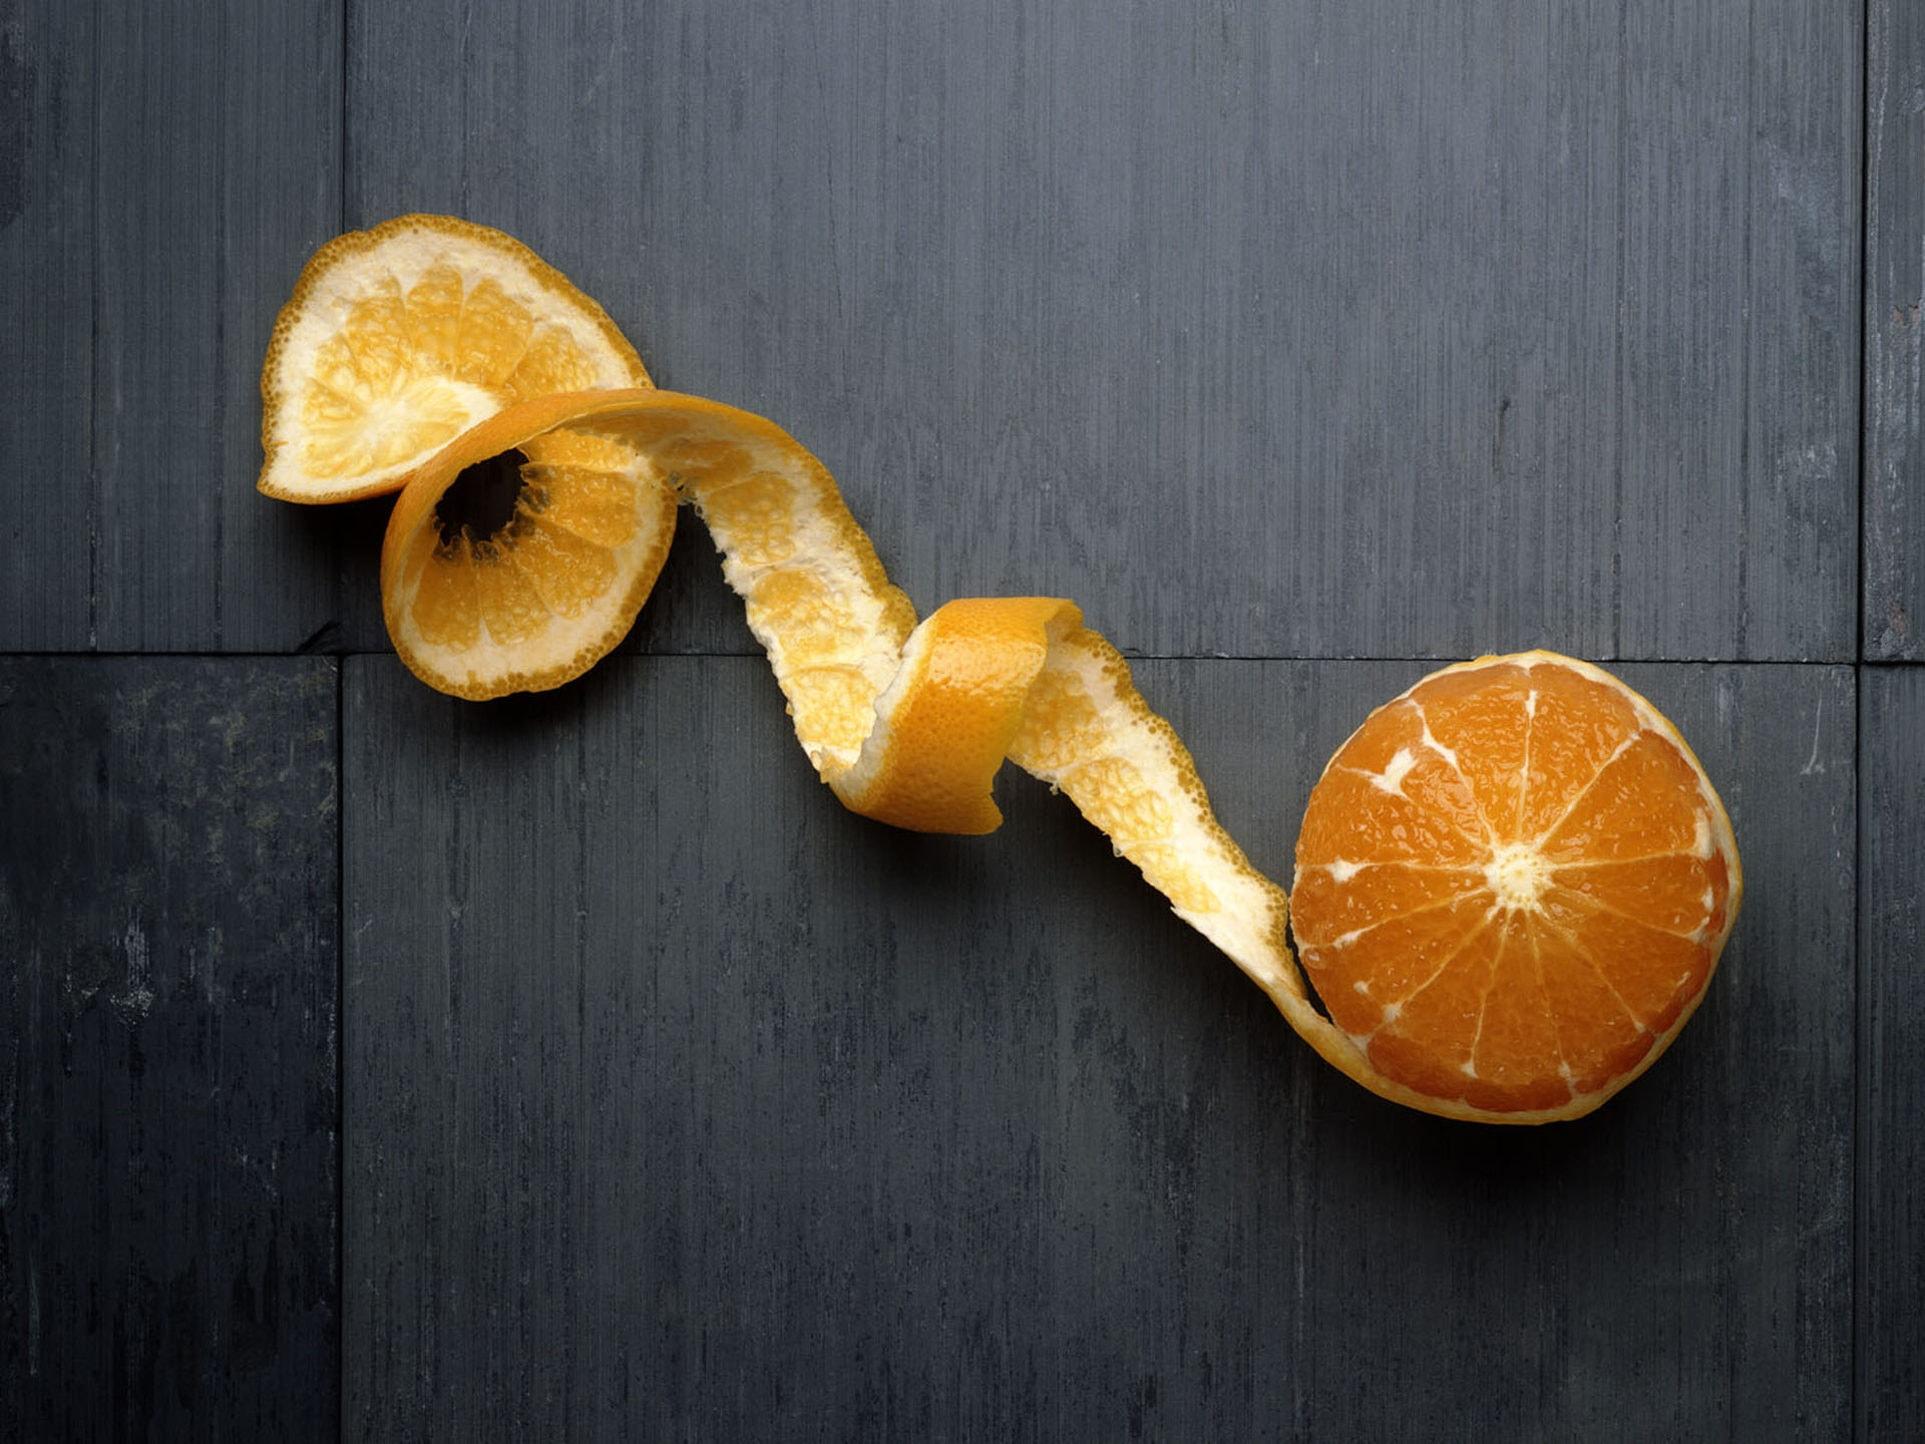 Правда ли, что в апельсине всегда 10 долек?